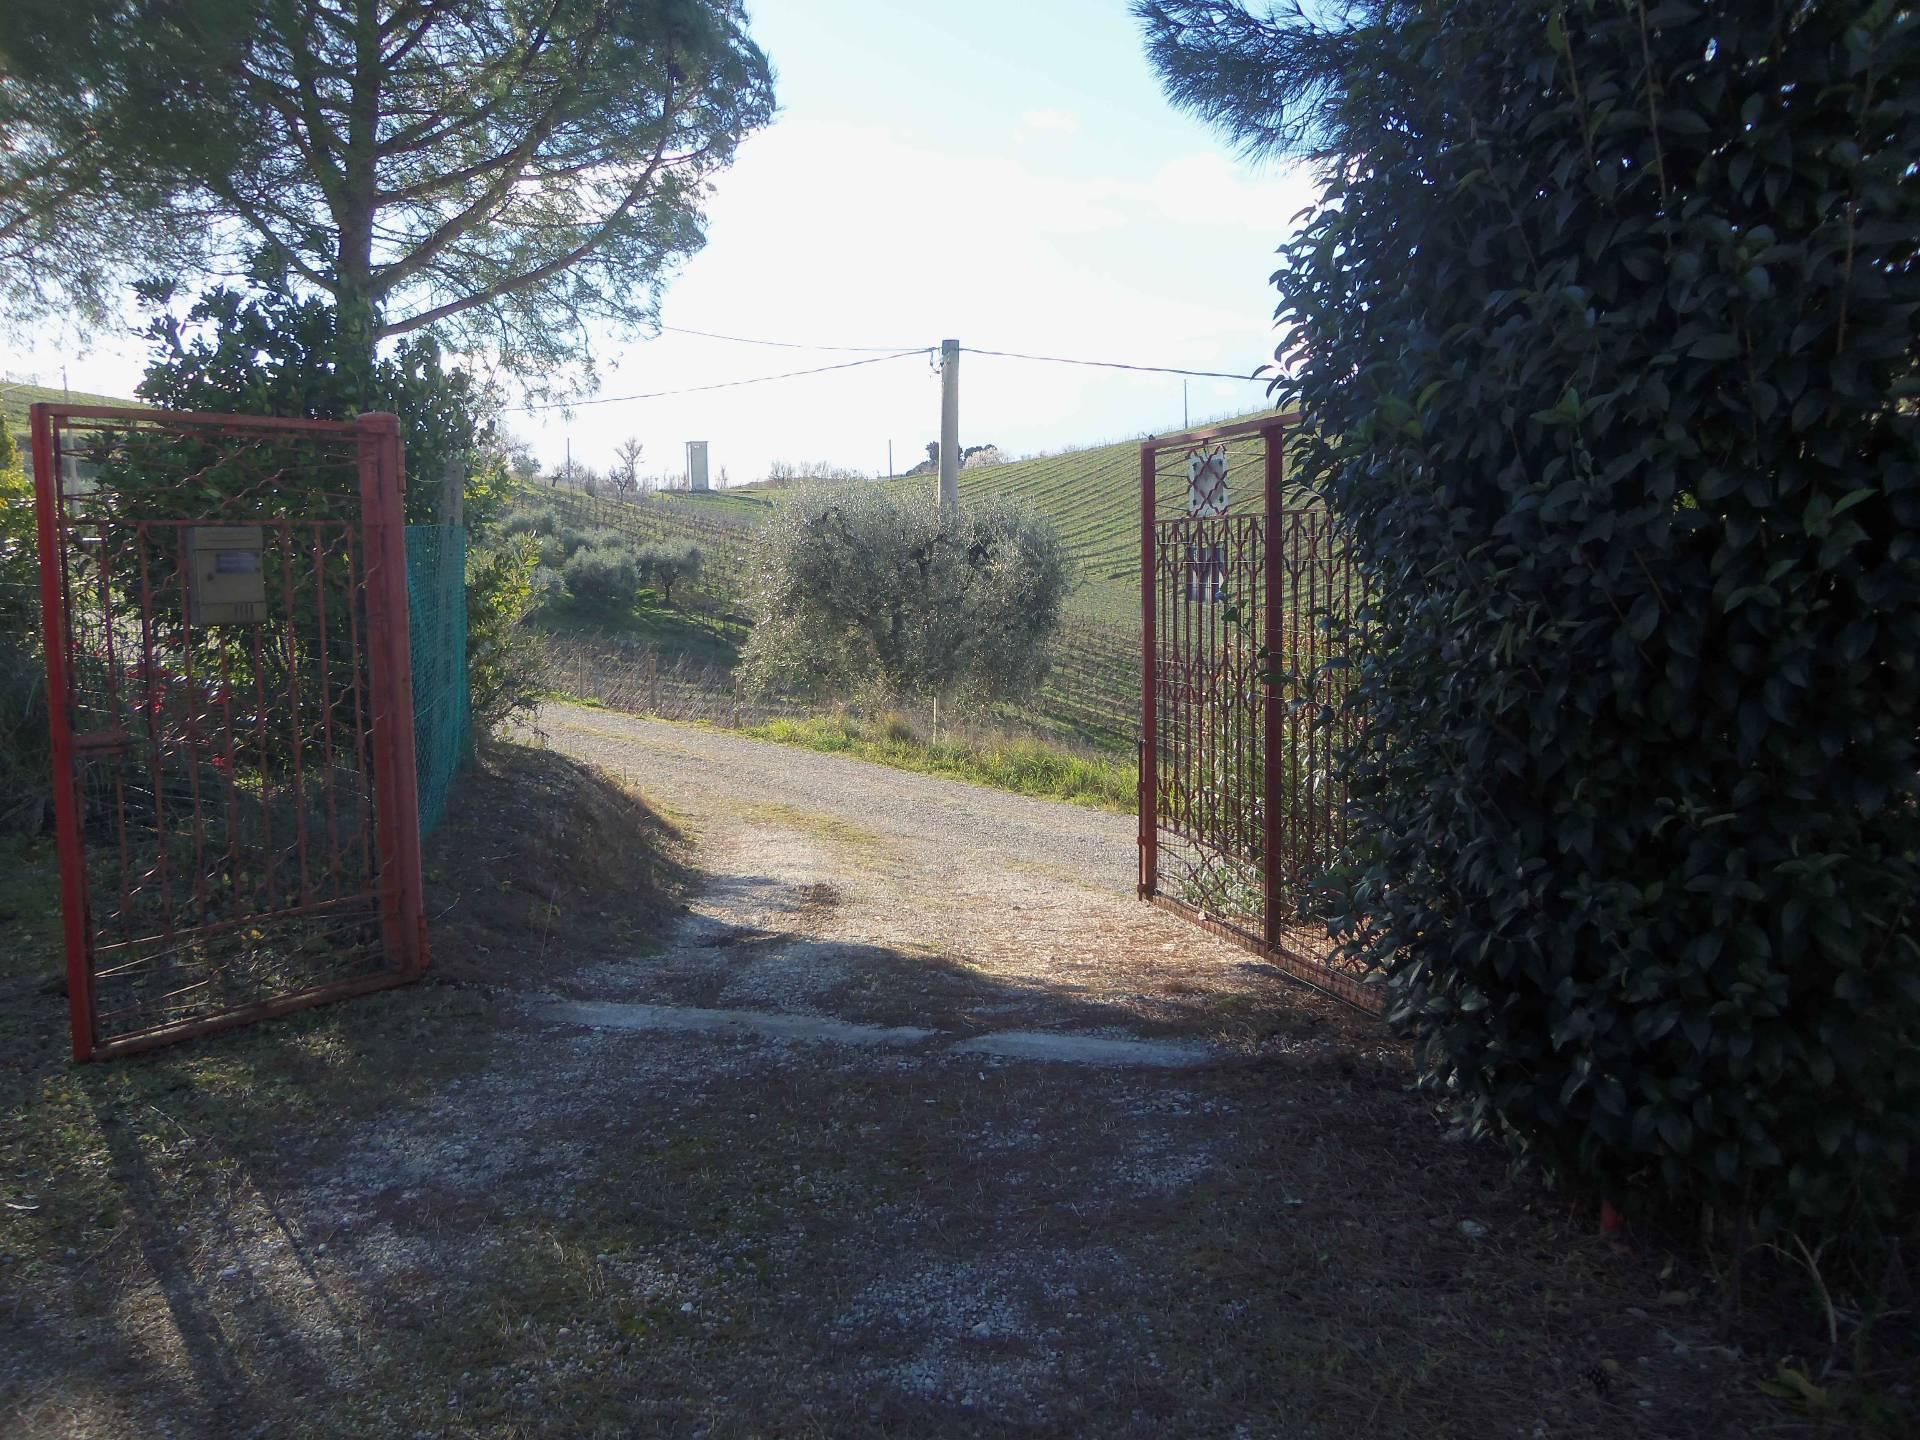 Rustico / Casale in vendita a Acquaviva Picena, 3 locali, zona Zona: Forola, prezzo € 105.000   CambioCasa.it